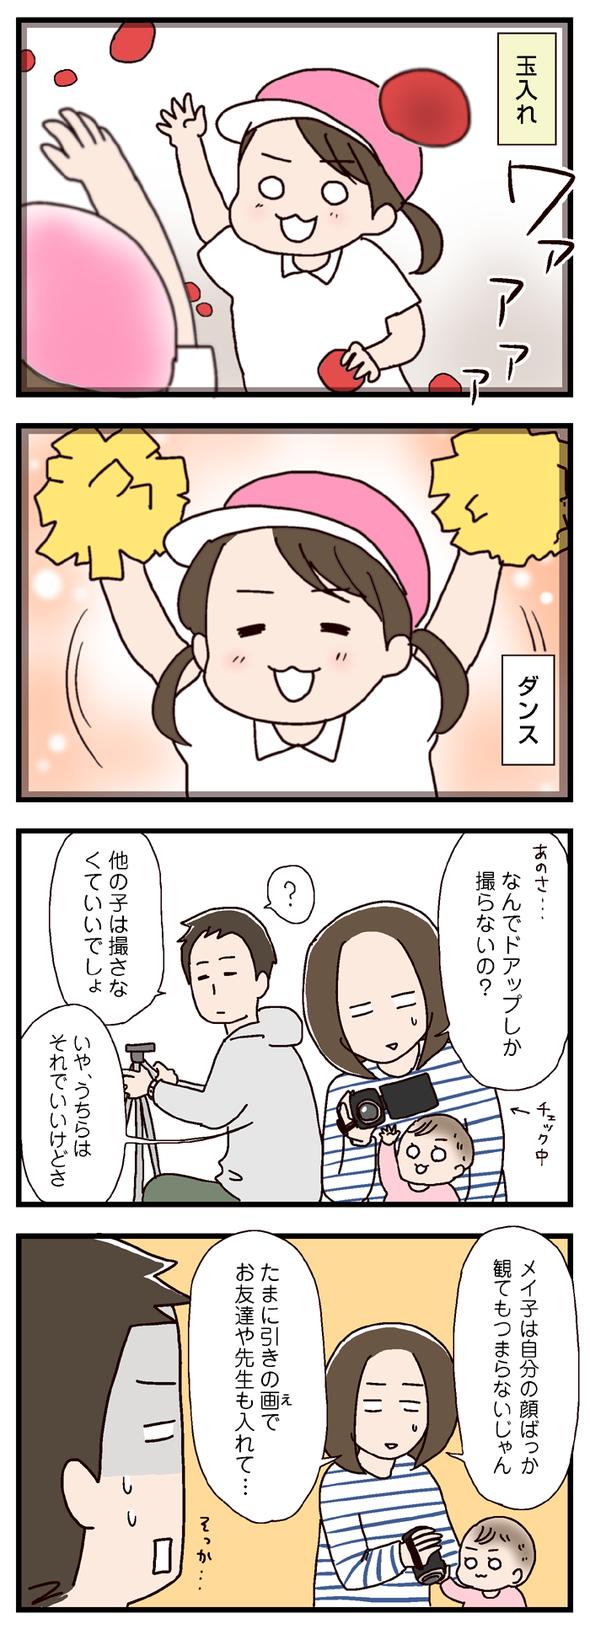 icchomae413_02